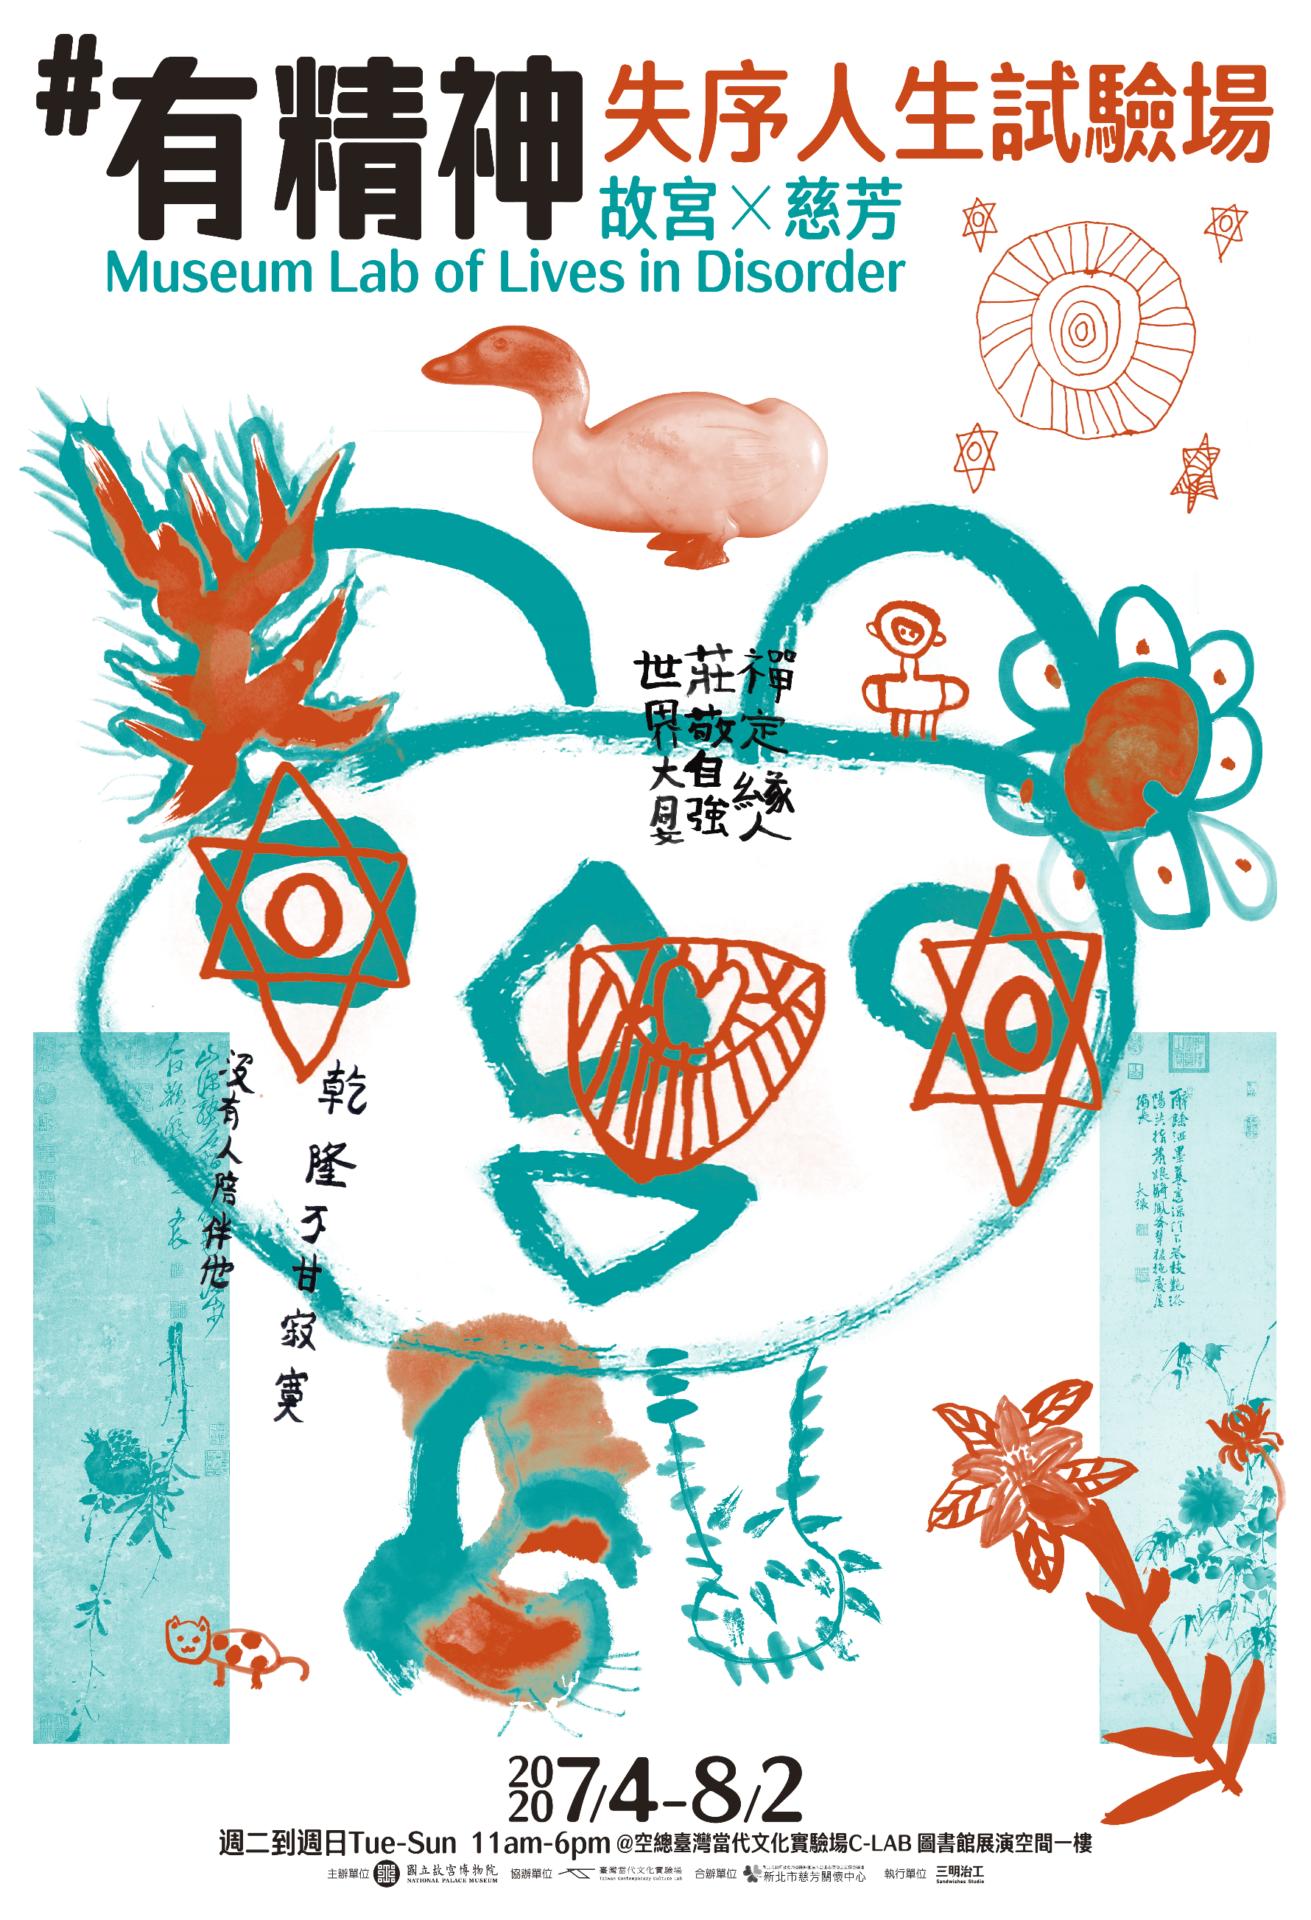 國立故宮博物院:即日起至2020/08/02【#有精神—失序人生試驗場:故宮藝術共融特展】